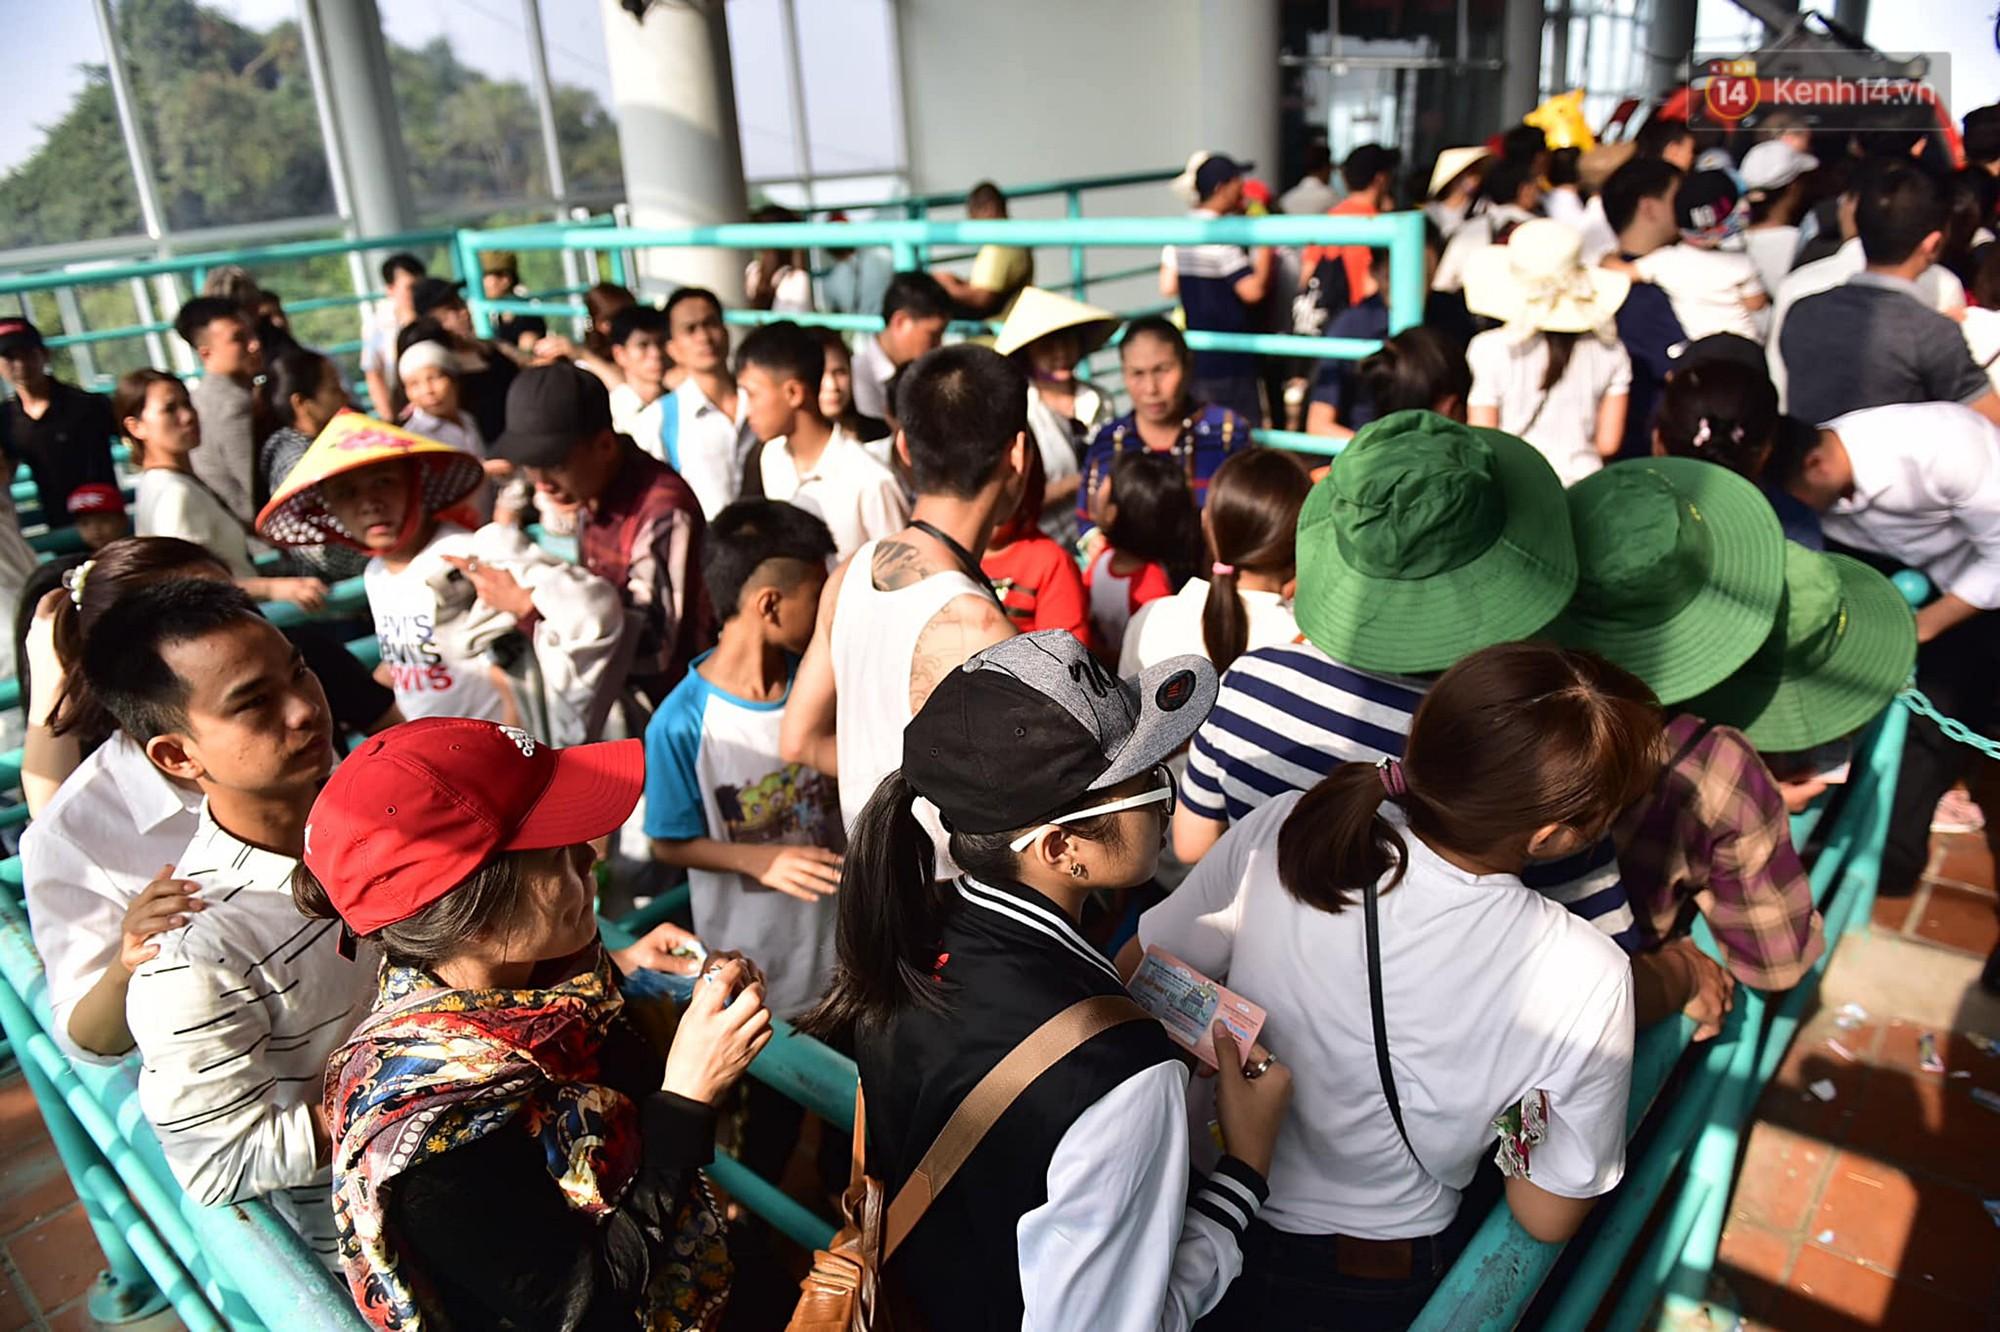 Gần 5 vạn người đổ về chùa Hương trong ngày mồng 5 Tết, 1 ngày trước khi khai hội - Ảnh 7.